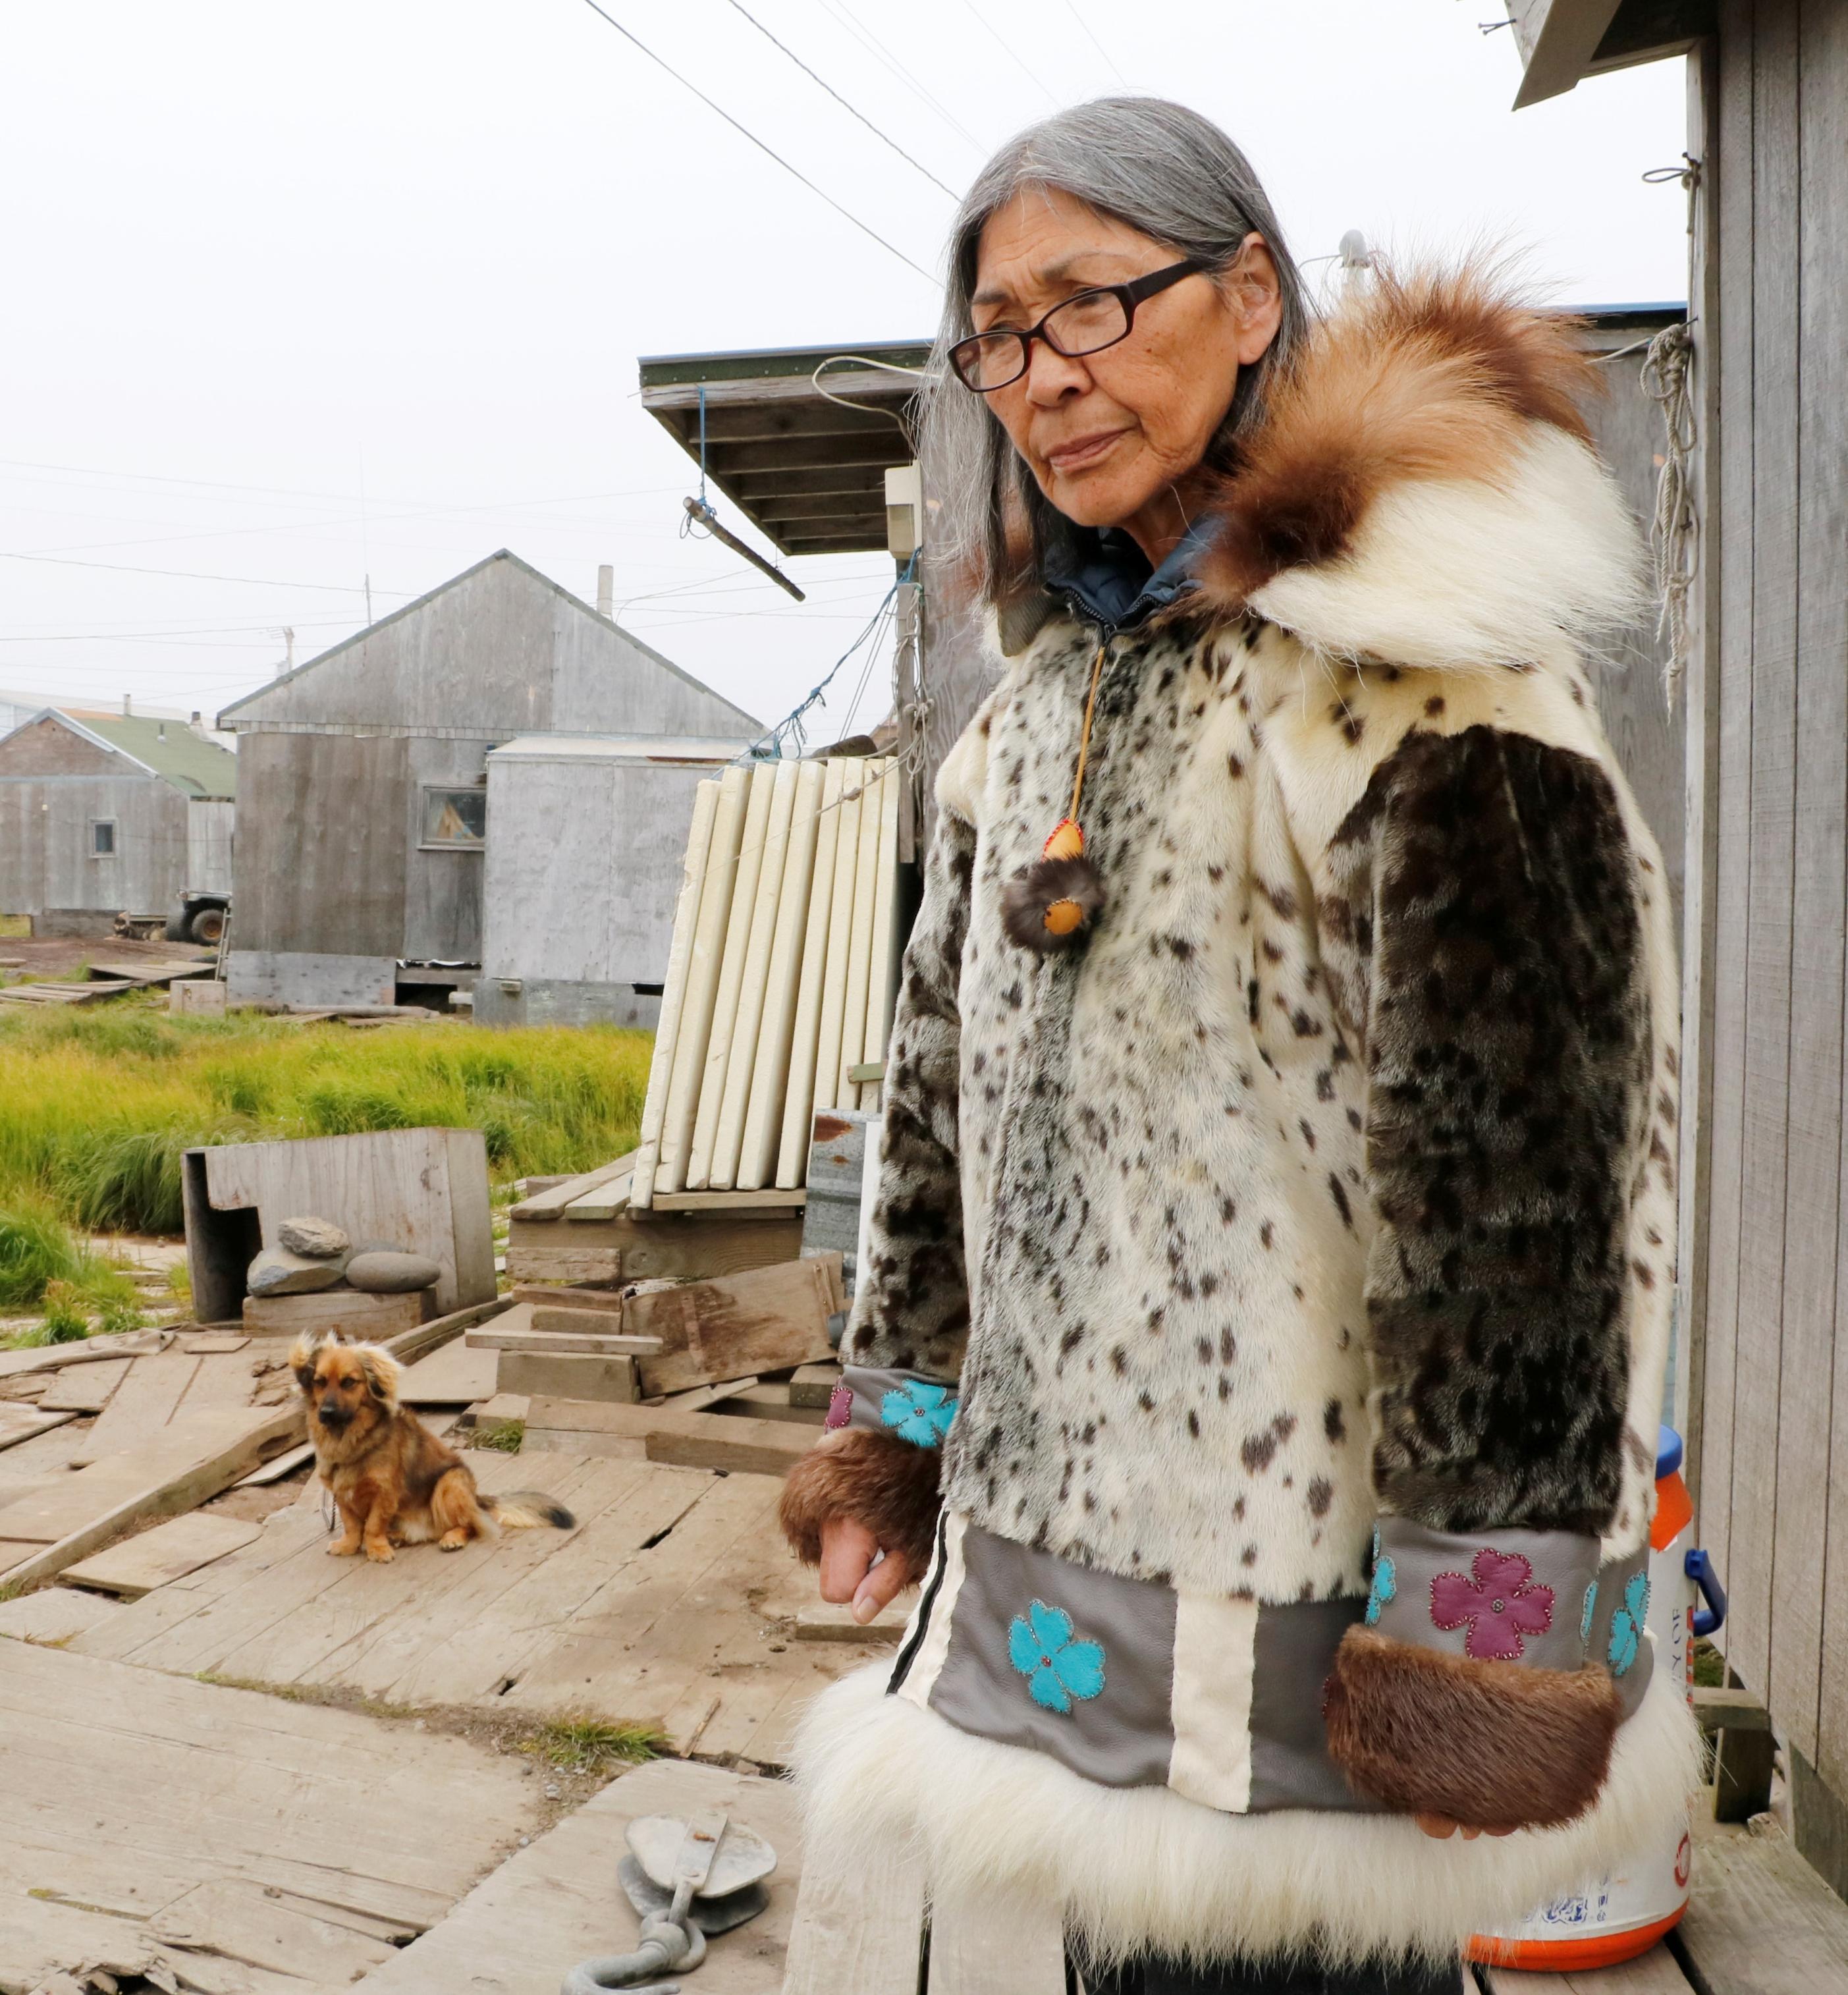 アザラシの皮などで自ら作った服を着て、サボオンガの自宅前に立つクリスティーナ・アロワさん。若い世代にこの服の作り方を教えるのが喜びだという=8月、米アラスカ州・セントローレンス島(共同)